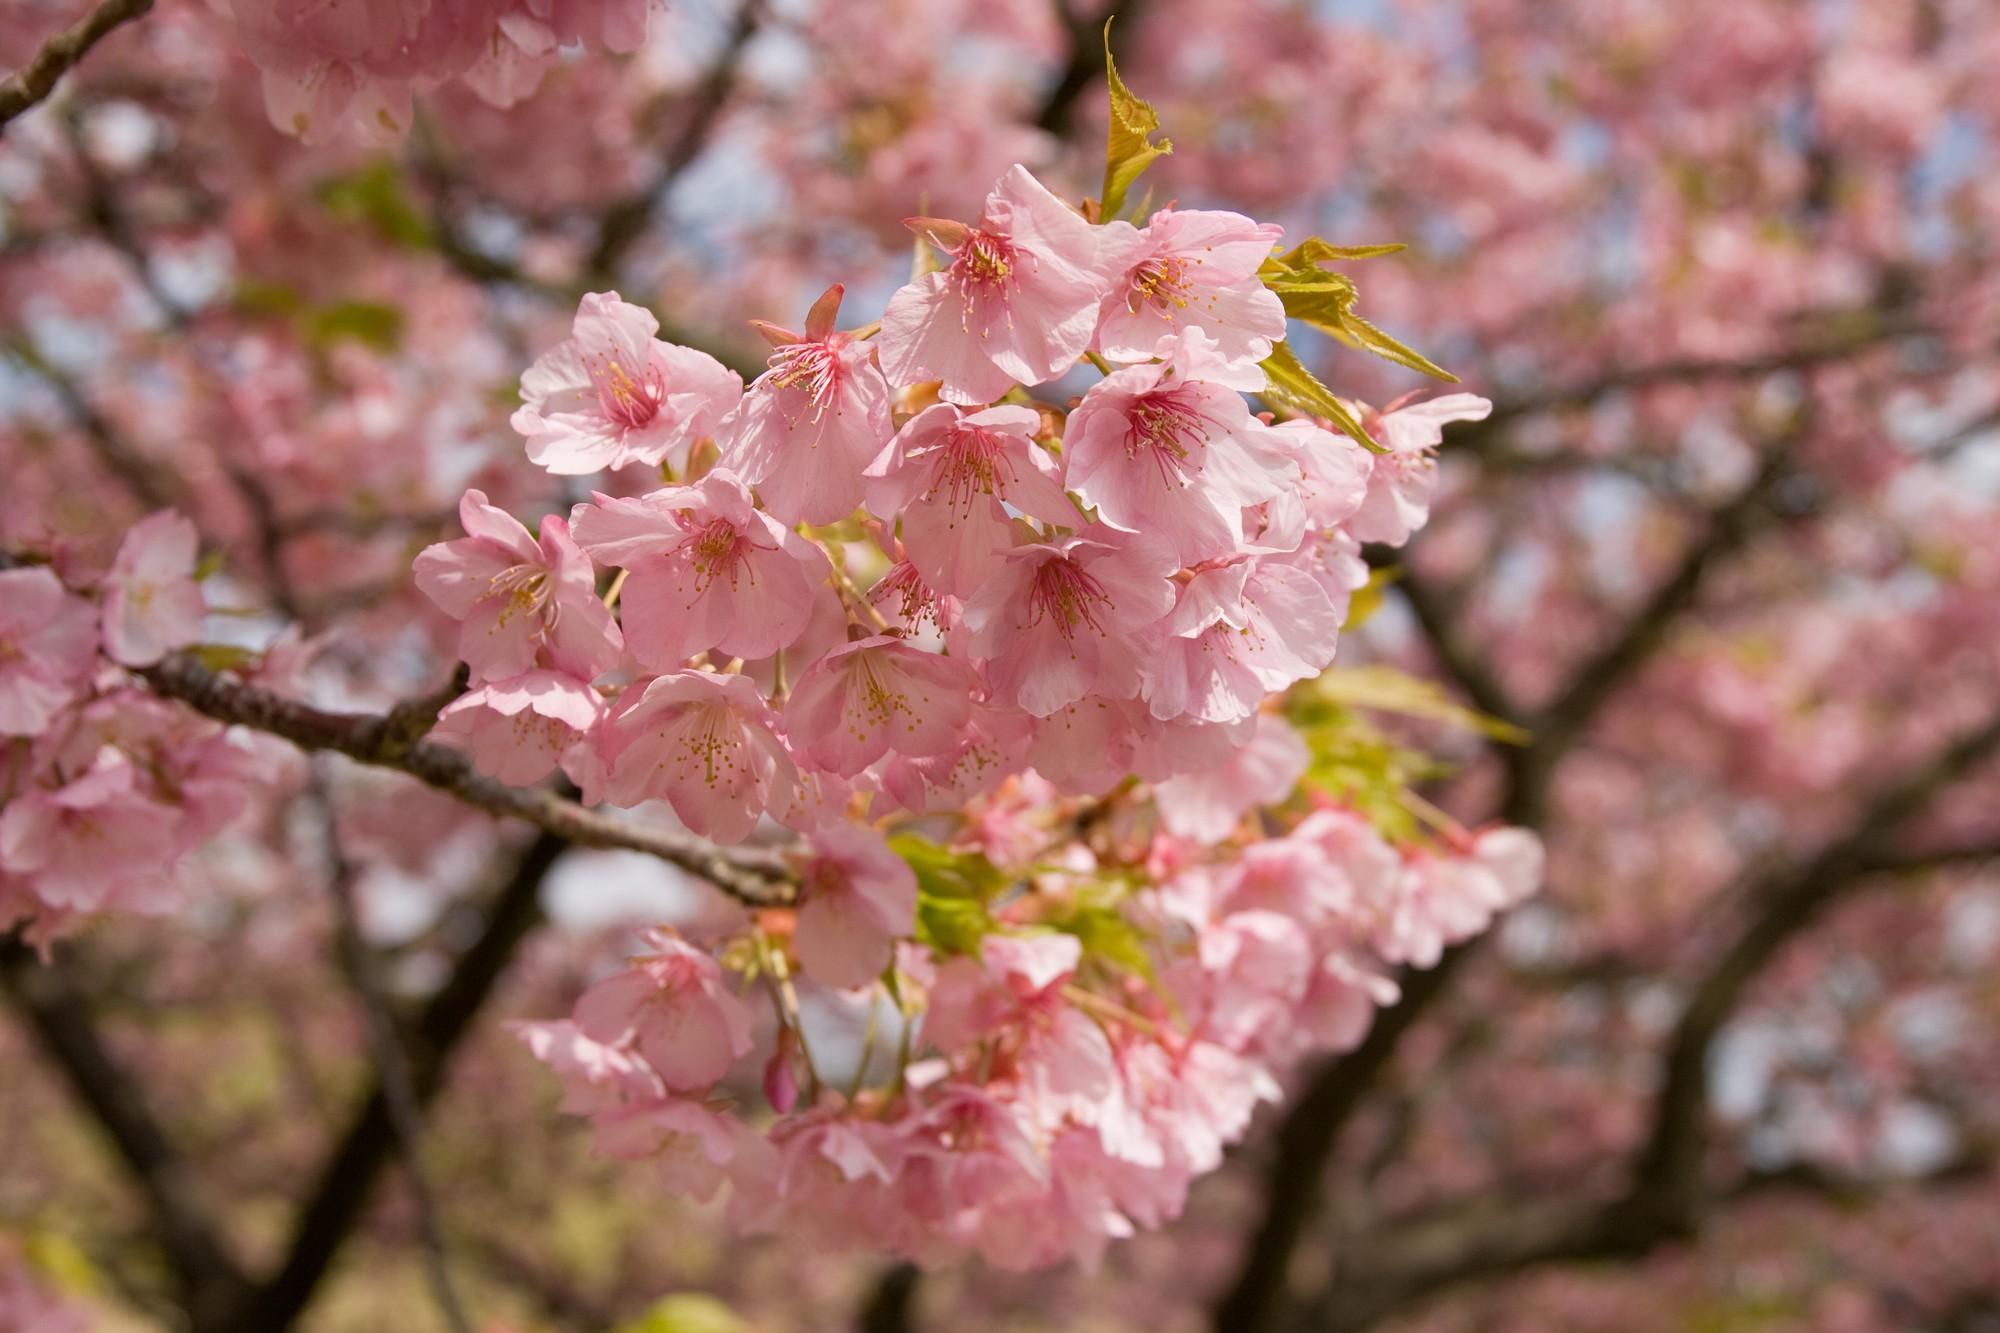 Nếu tưởng Sakura - hoa anh đào Nhật Bản chỉ có một loại thì bạn đã nhầm to rồi - Ảnh 2.